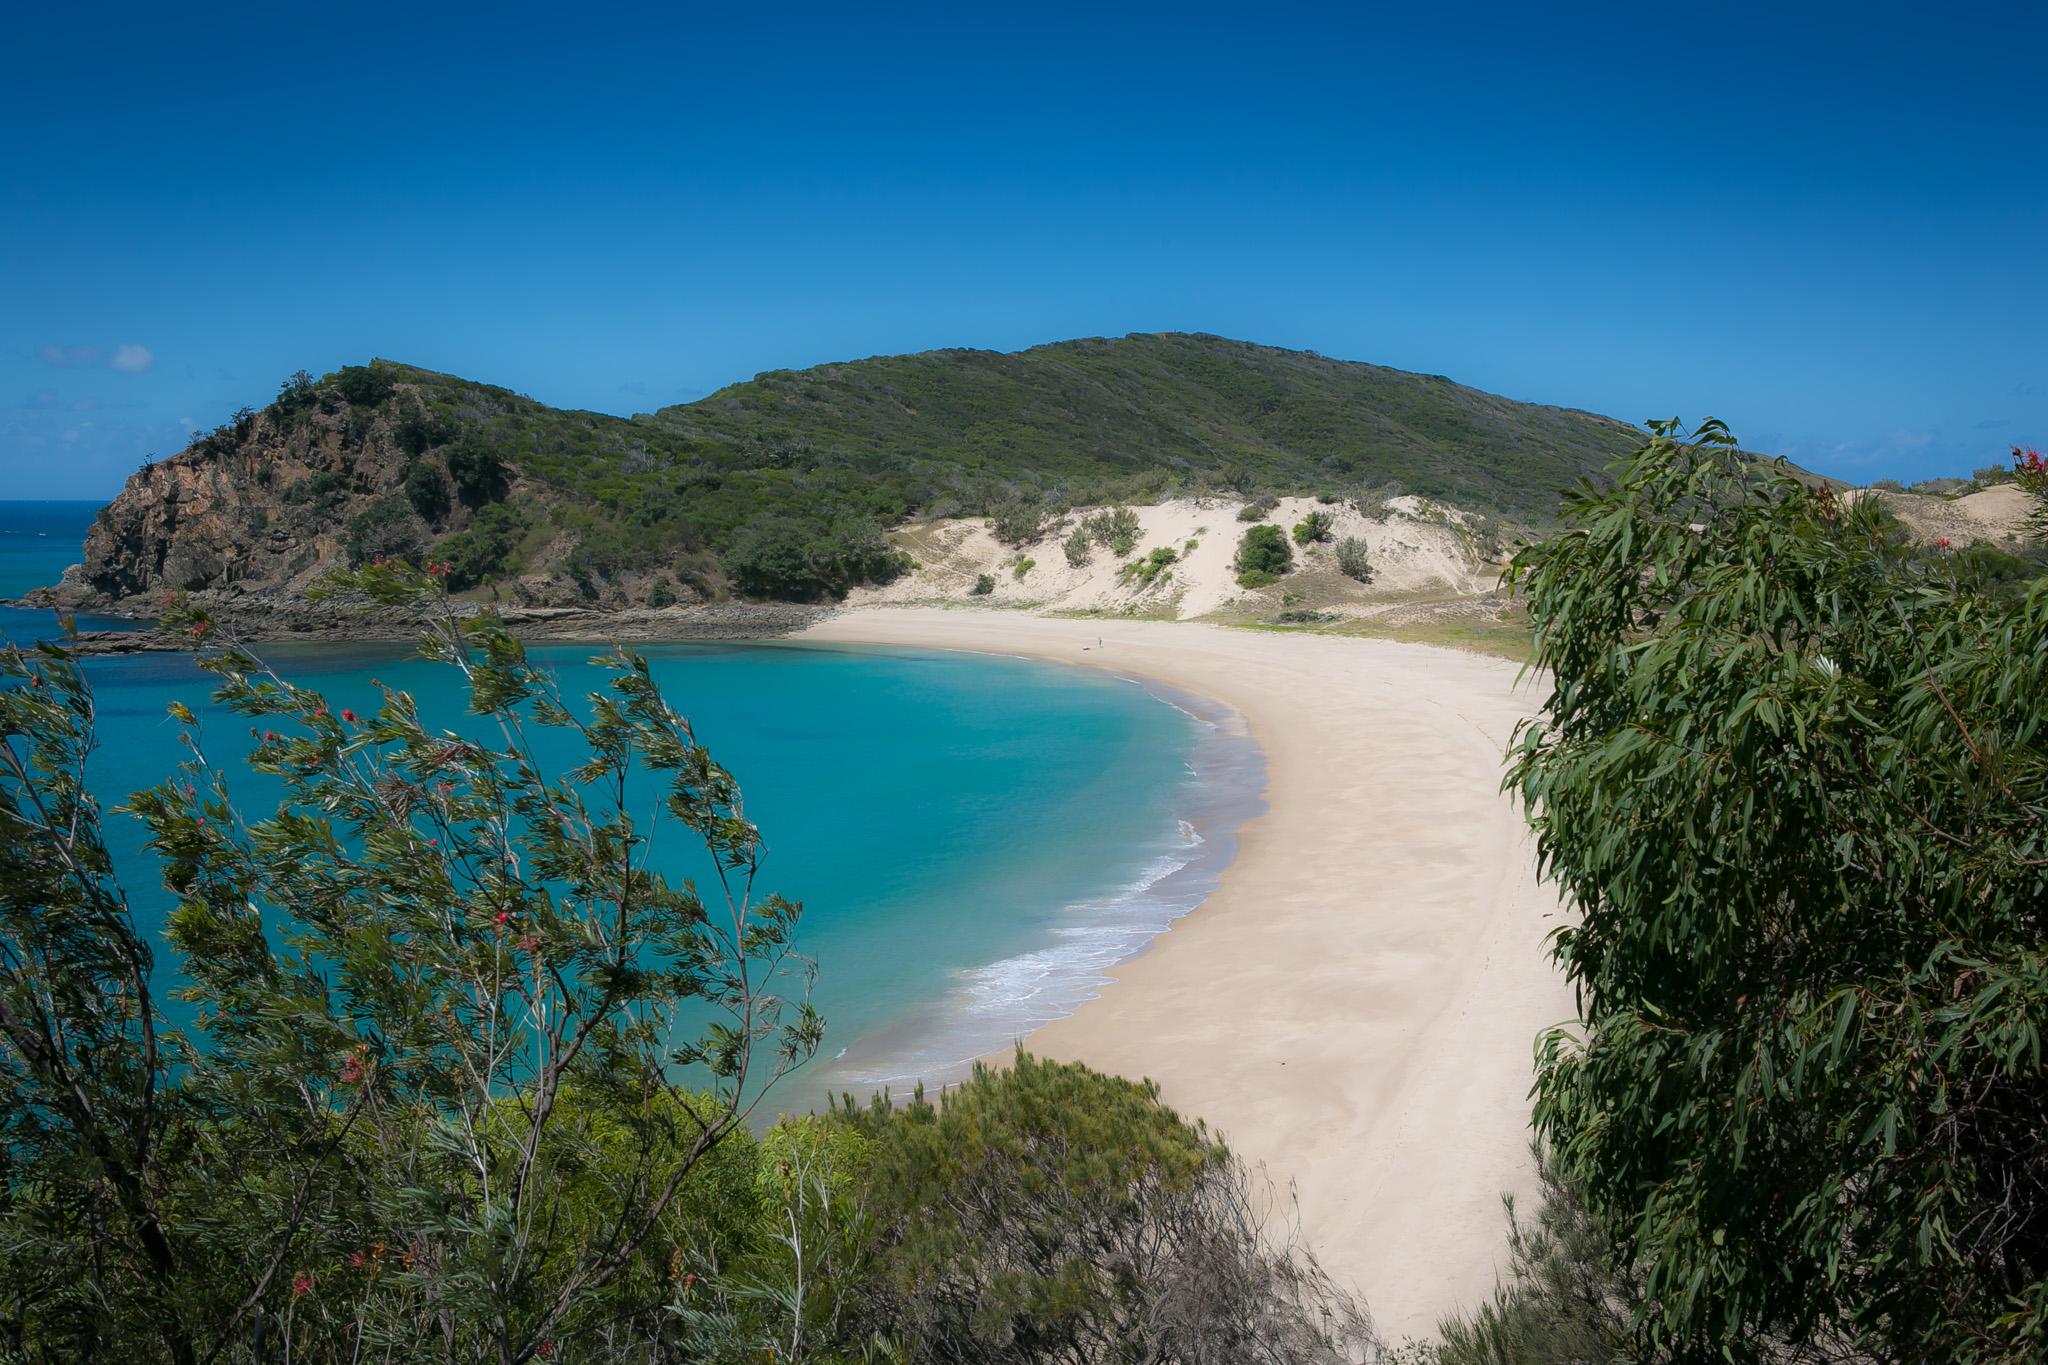 Butterfish Bay